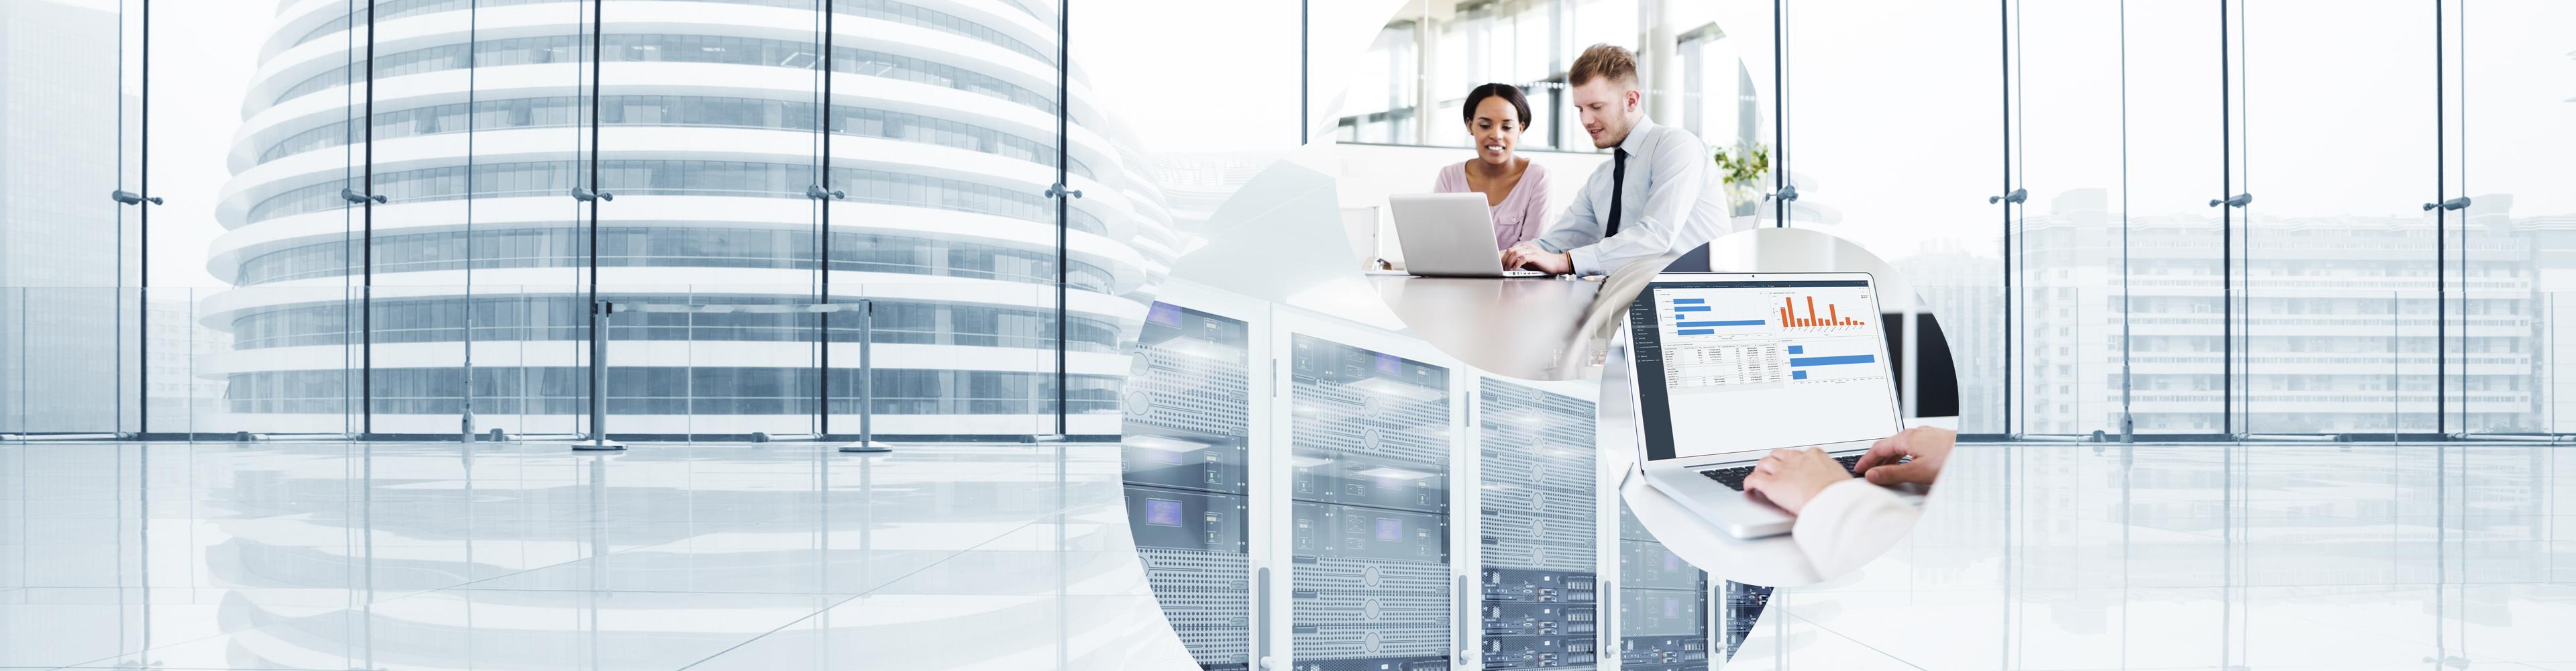 valantic-sap-services-enterprise-resource-planning